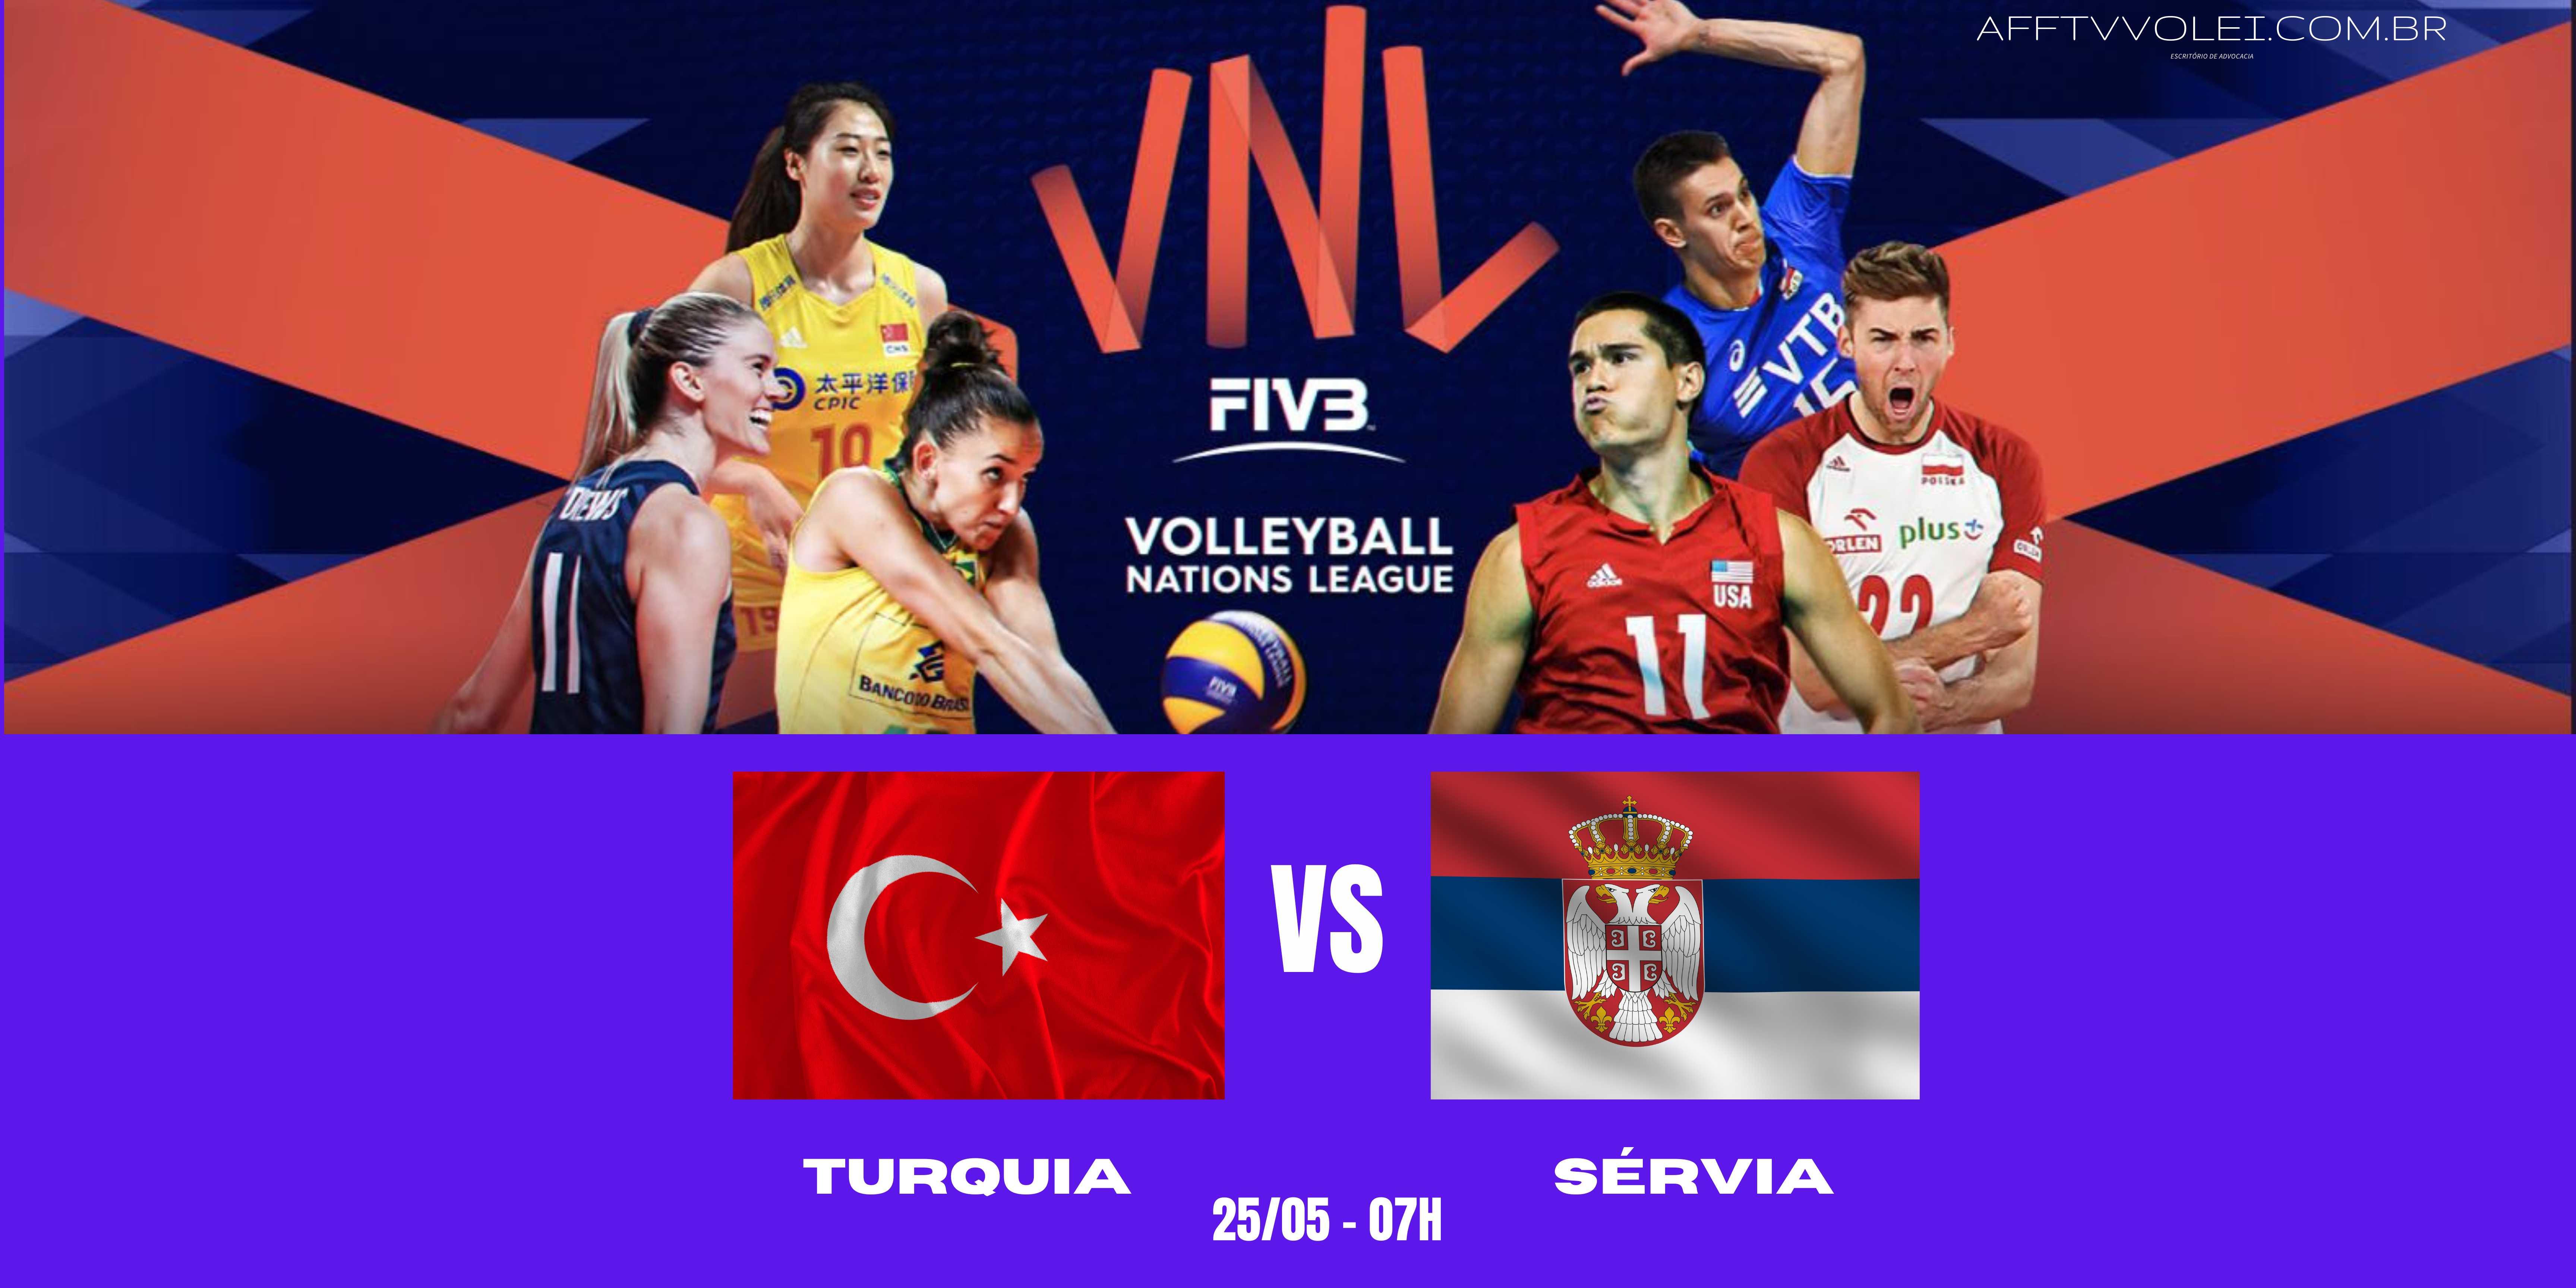 Turquia vs Sérvia – Liga das Nações Vôlei Feminino – 25/05/2021